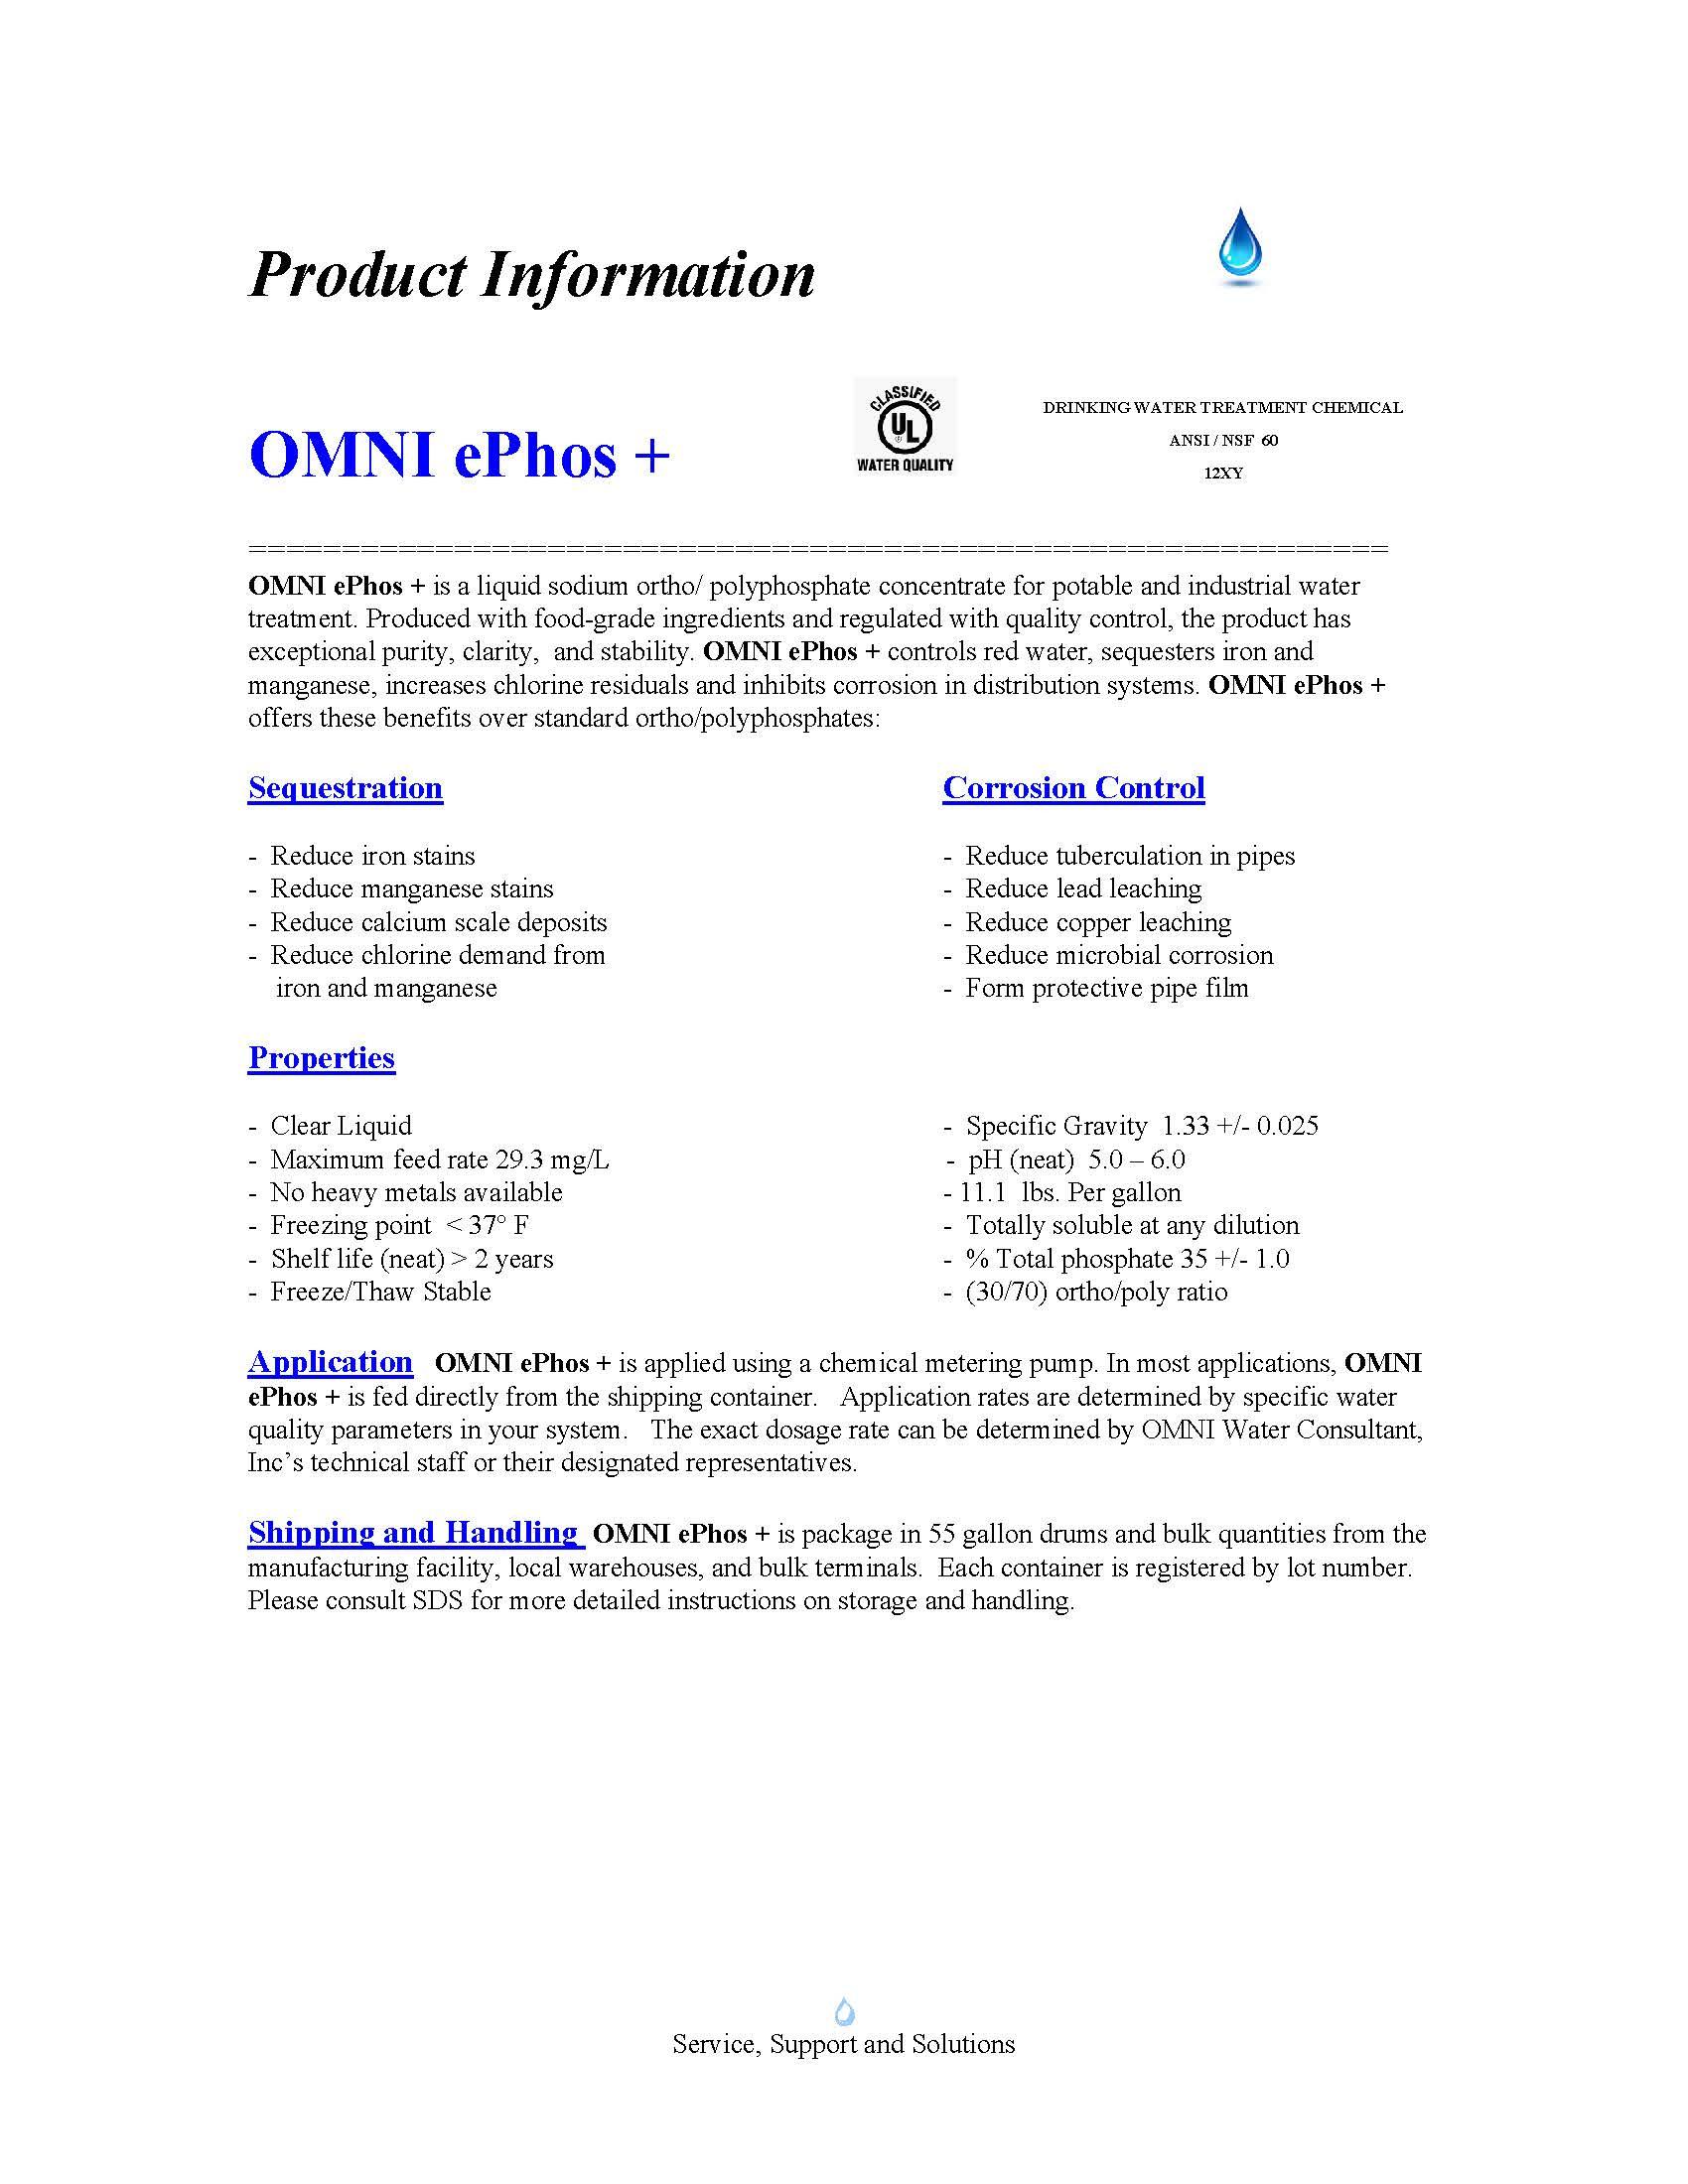 OMNI ePhos + Product Sheet